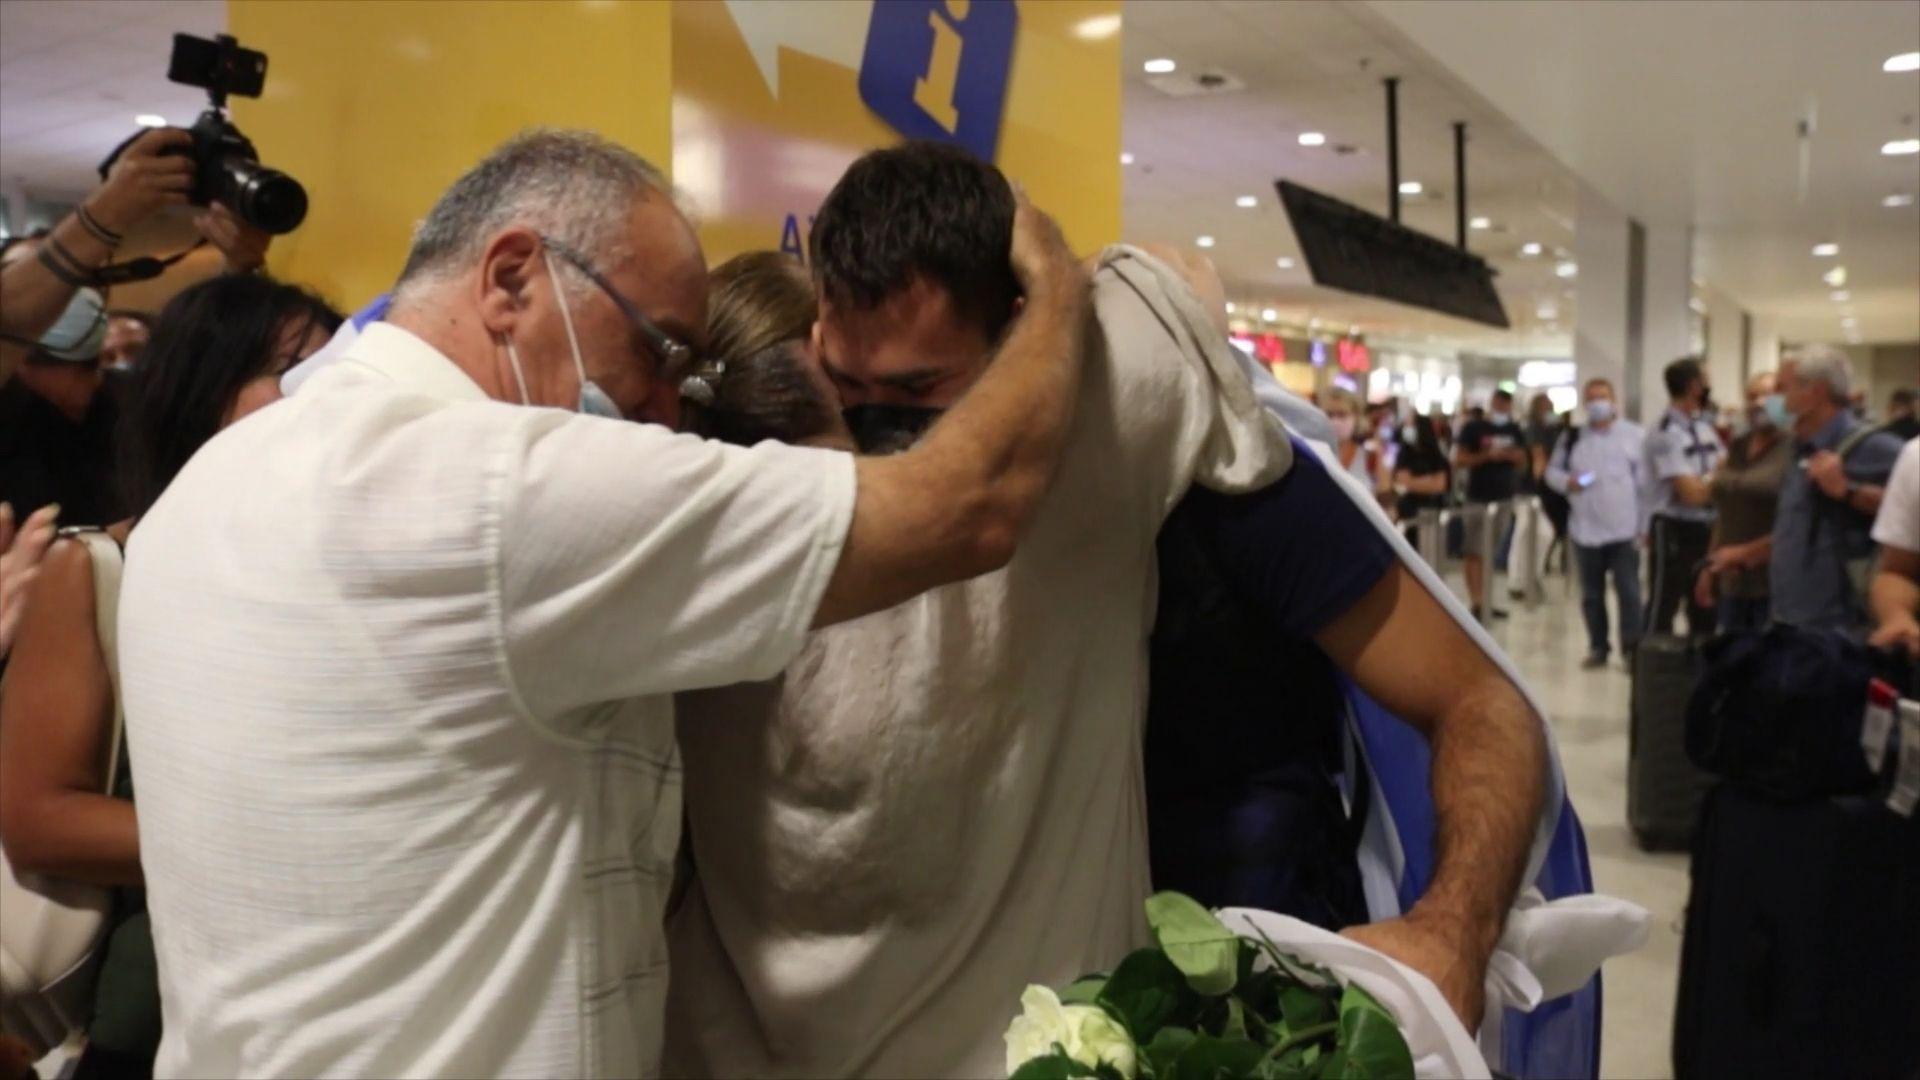 Θοδωρής Ιακωβίδης: «Αποθέωση» και συγκίνηση στην επιστροφή του στην Ελλάδα